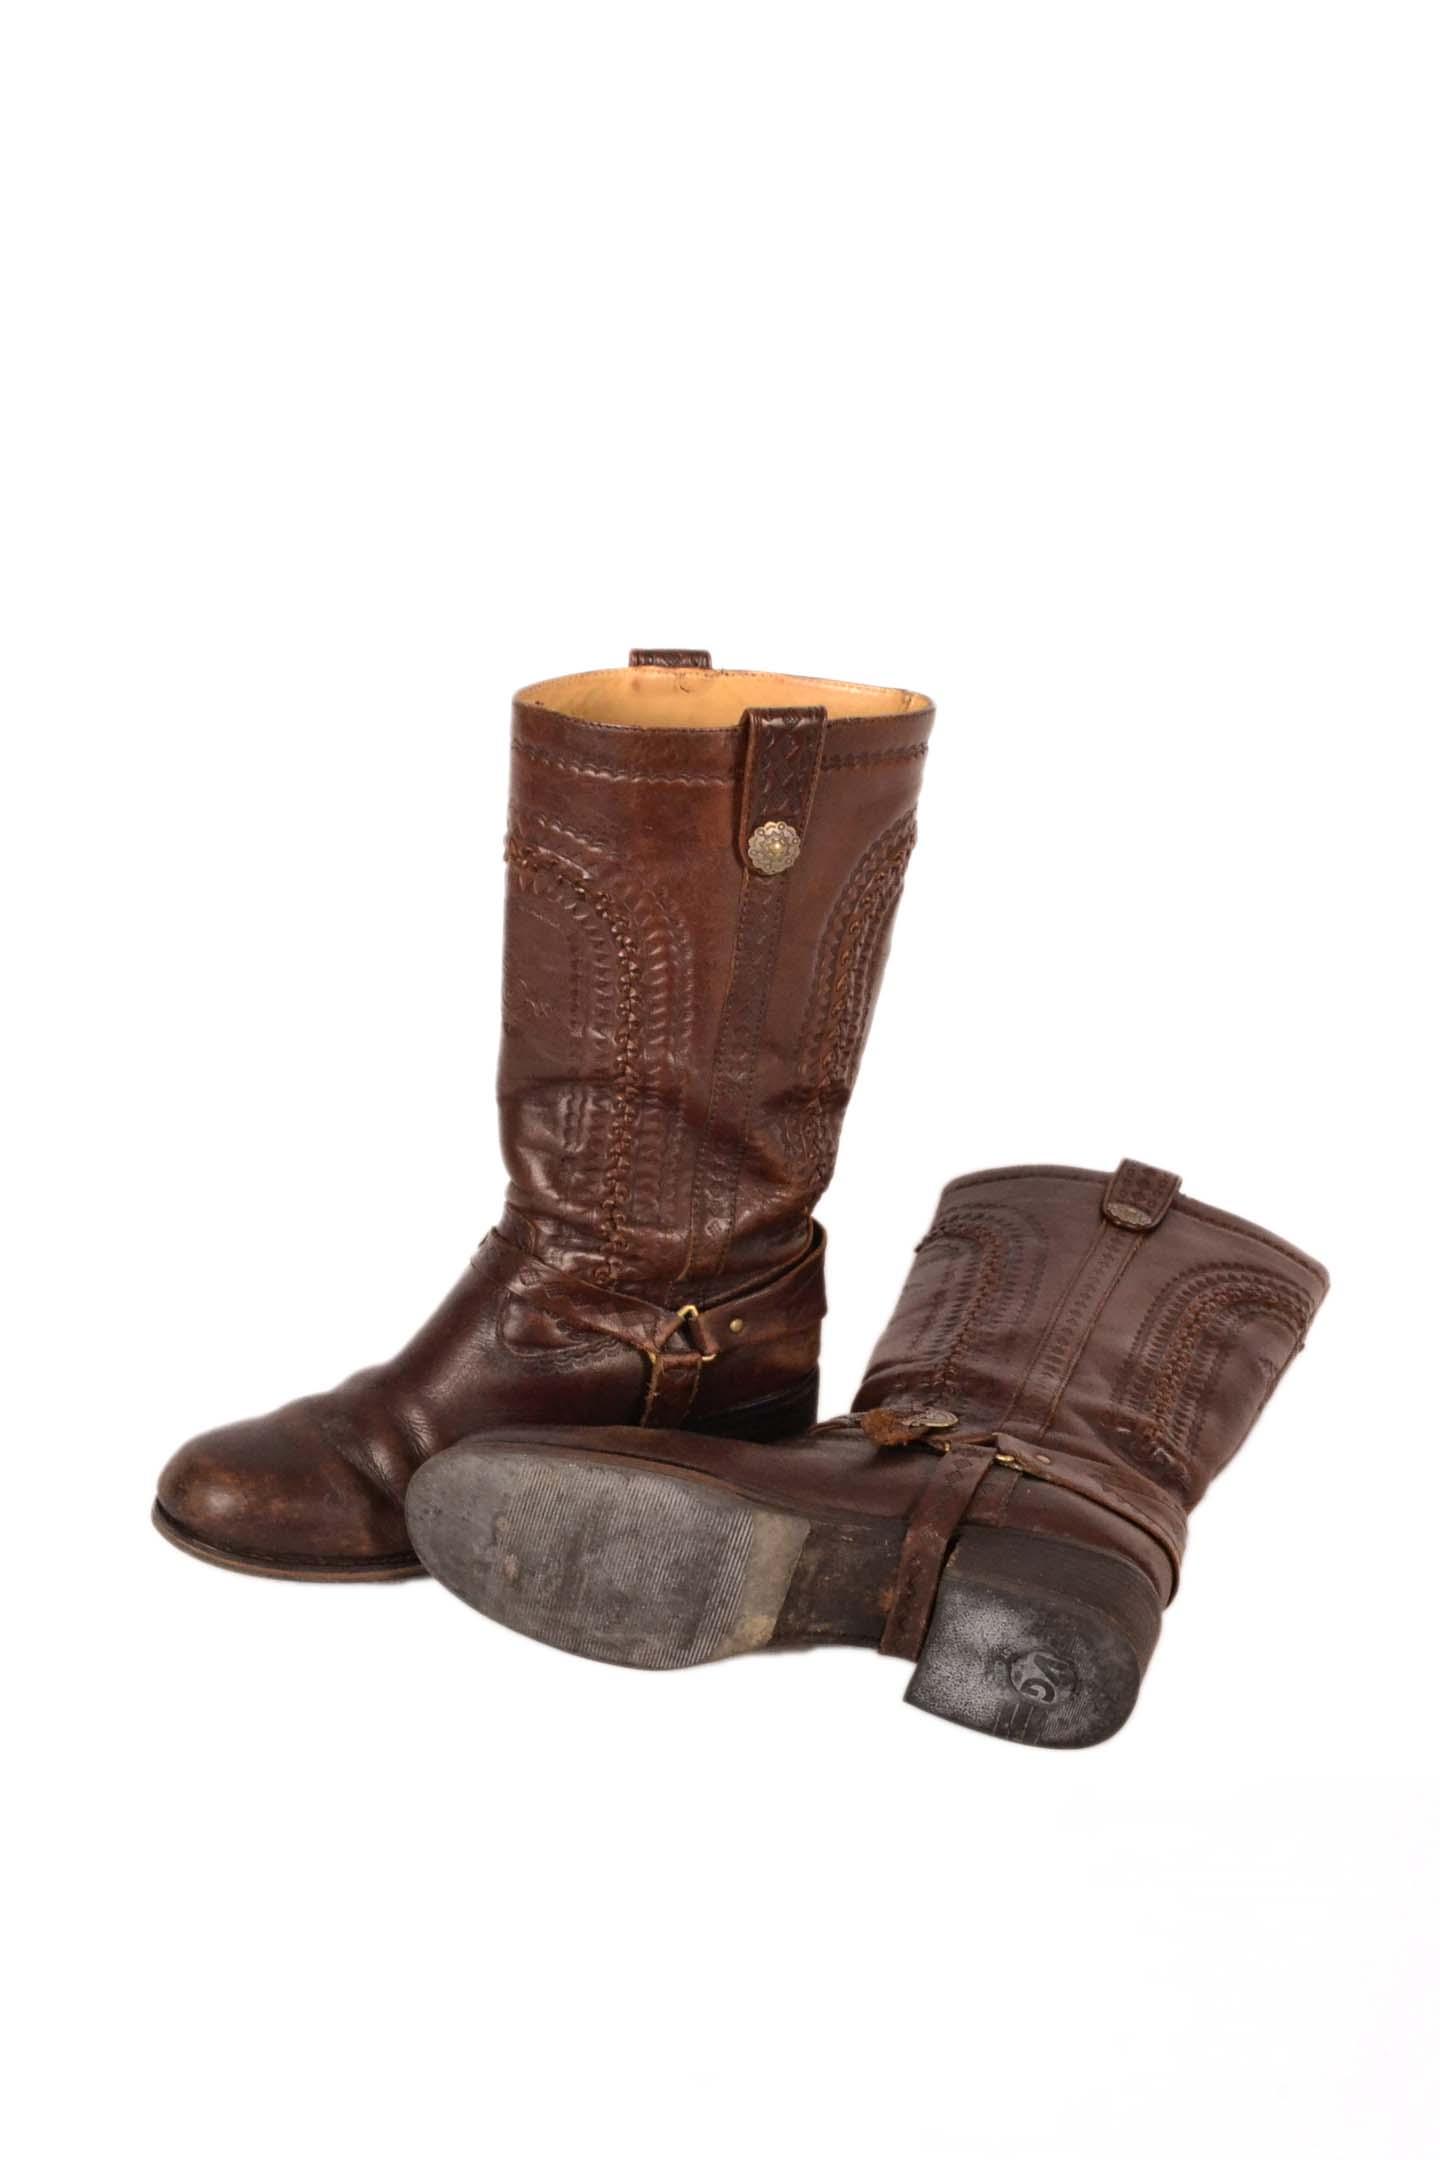 klassieke stijl verkoopt nieuwe release Dames laarzen bruin leer maat 39